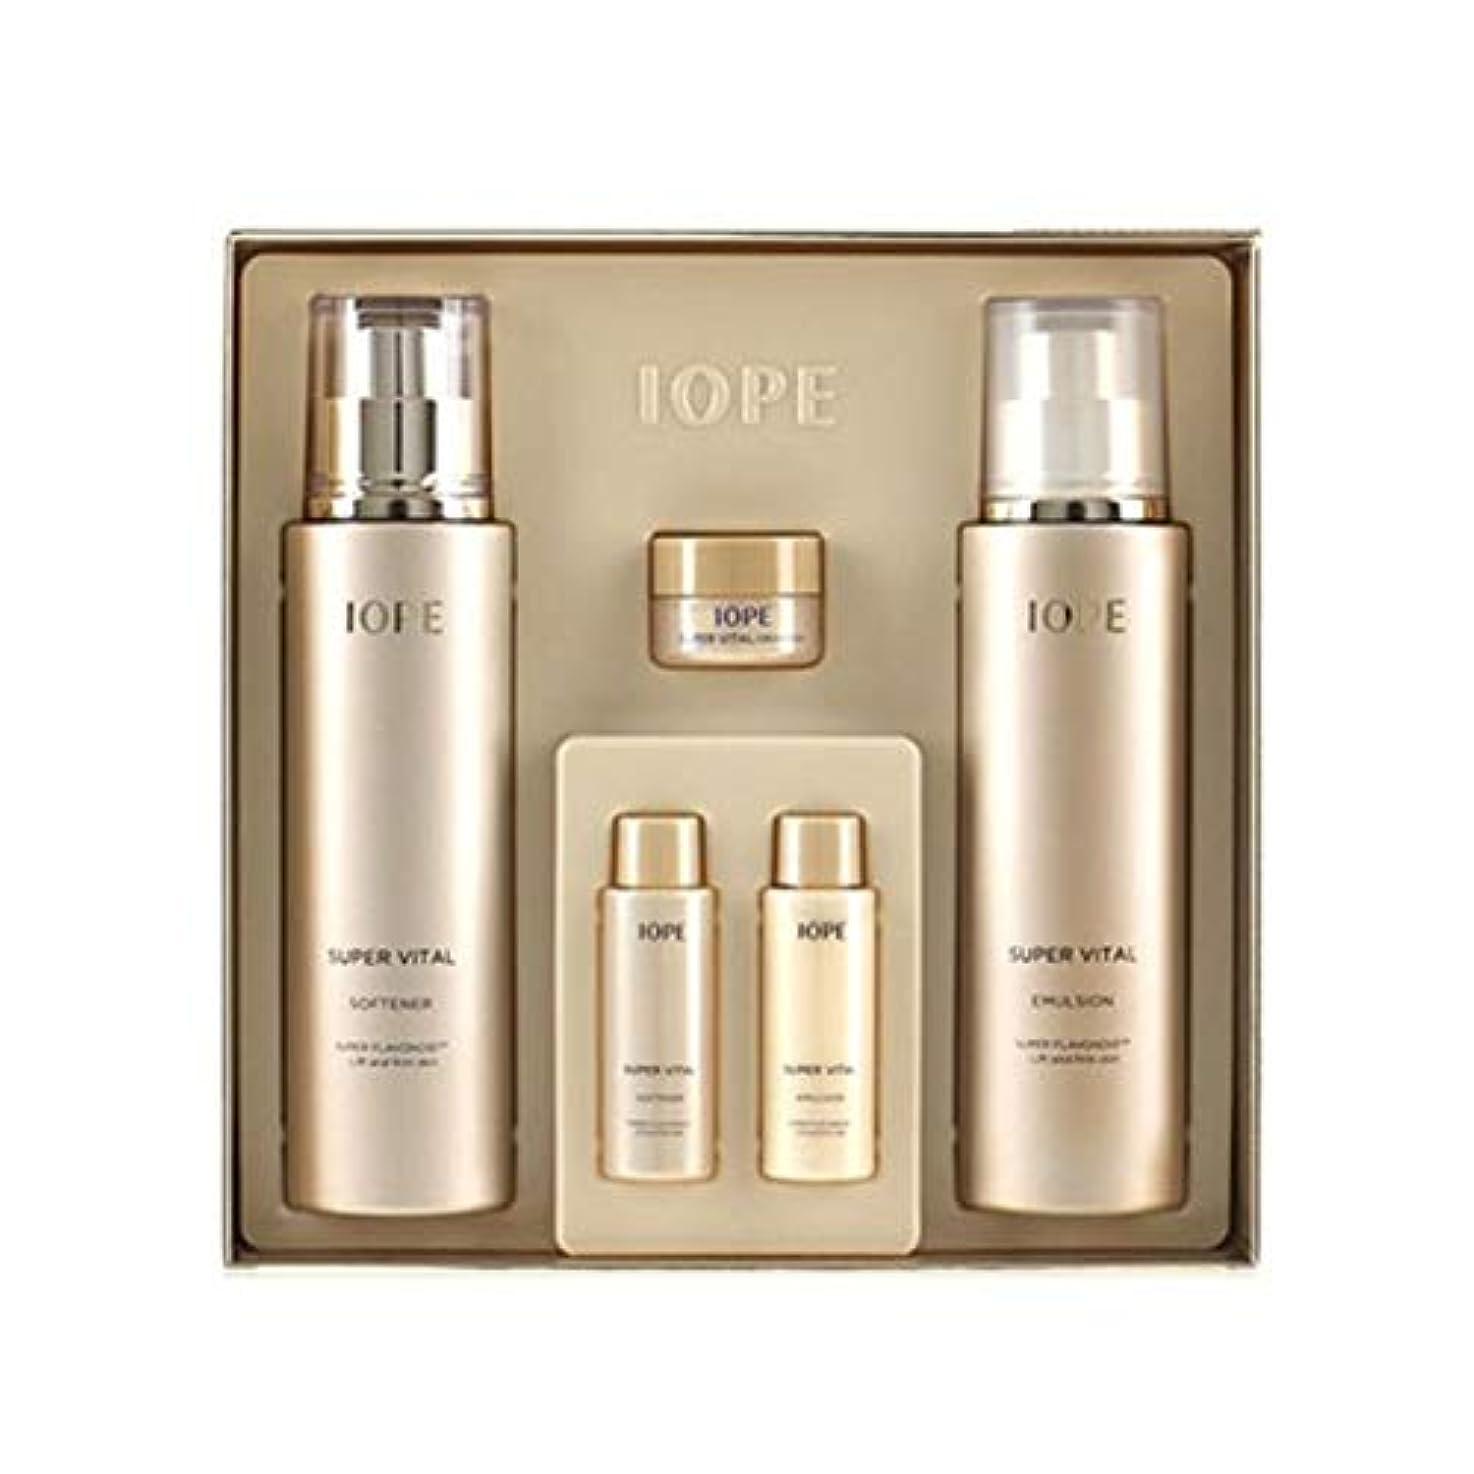 パラダイス現金モノグラフアイオペスーパーバイタル基礎化粧品ソフナーエマルジョンセット韓国コスメ、IOPE Super Vital Softener Emulsion Set Korean Cosmetics [並行輸入品]